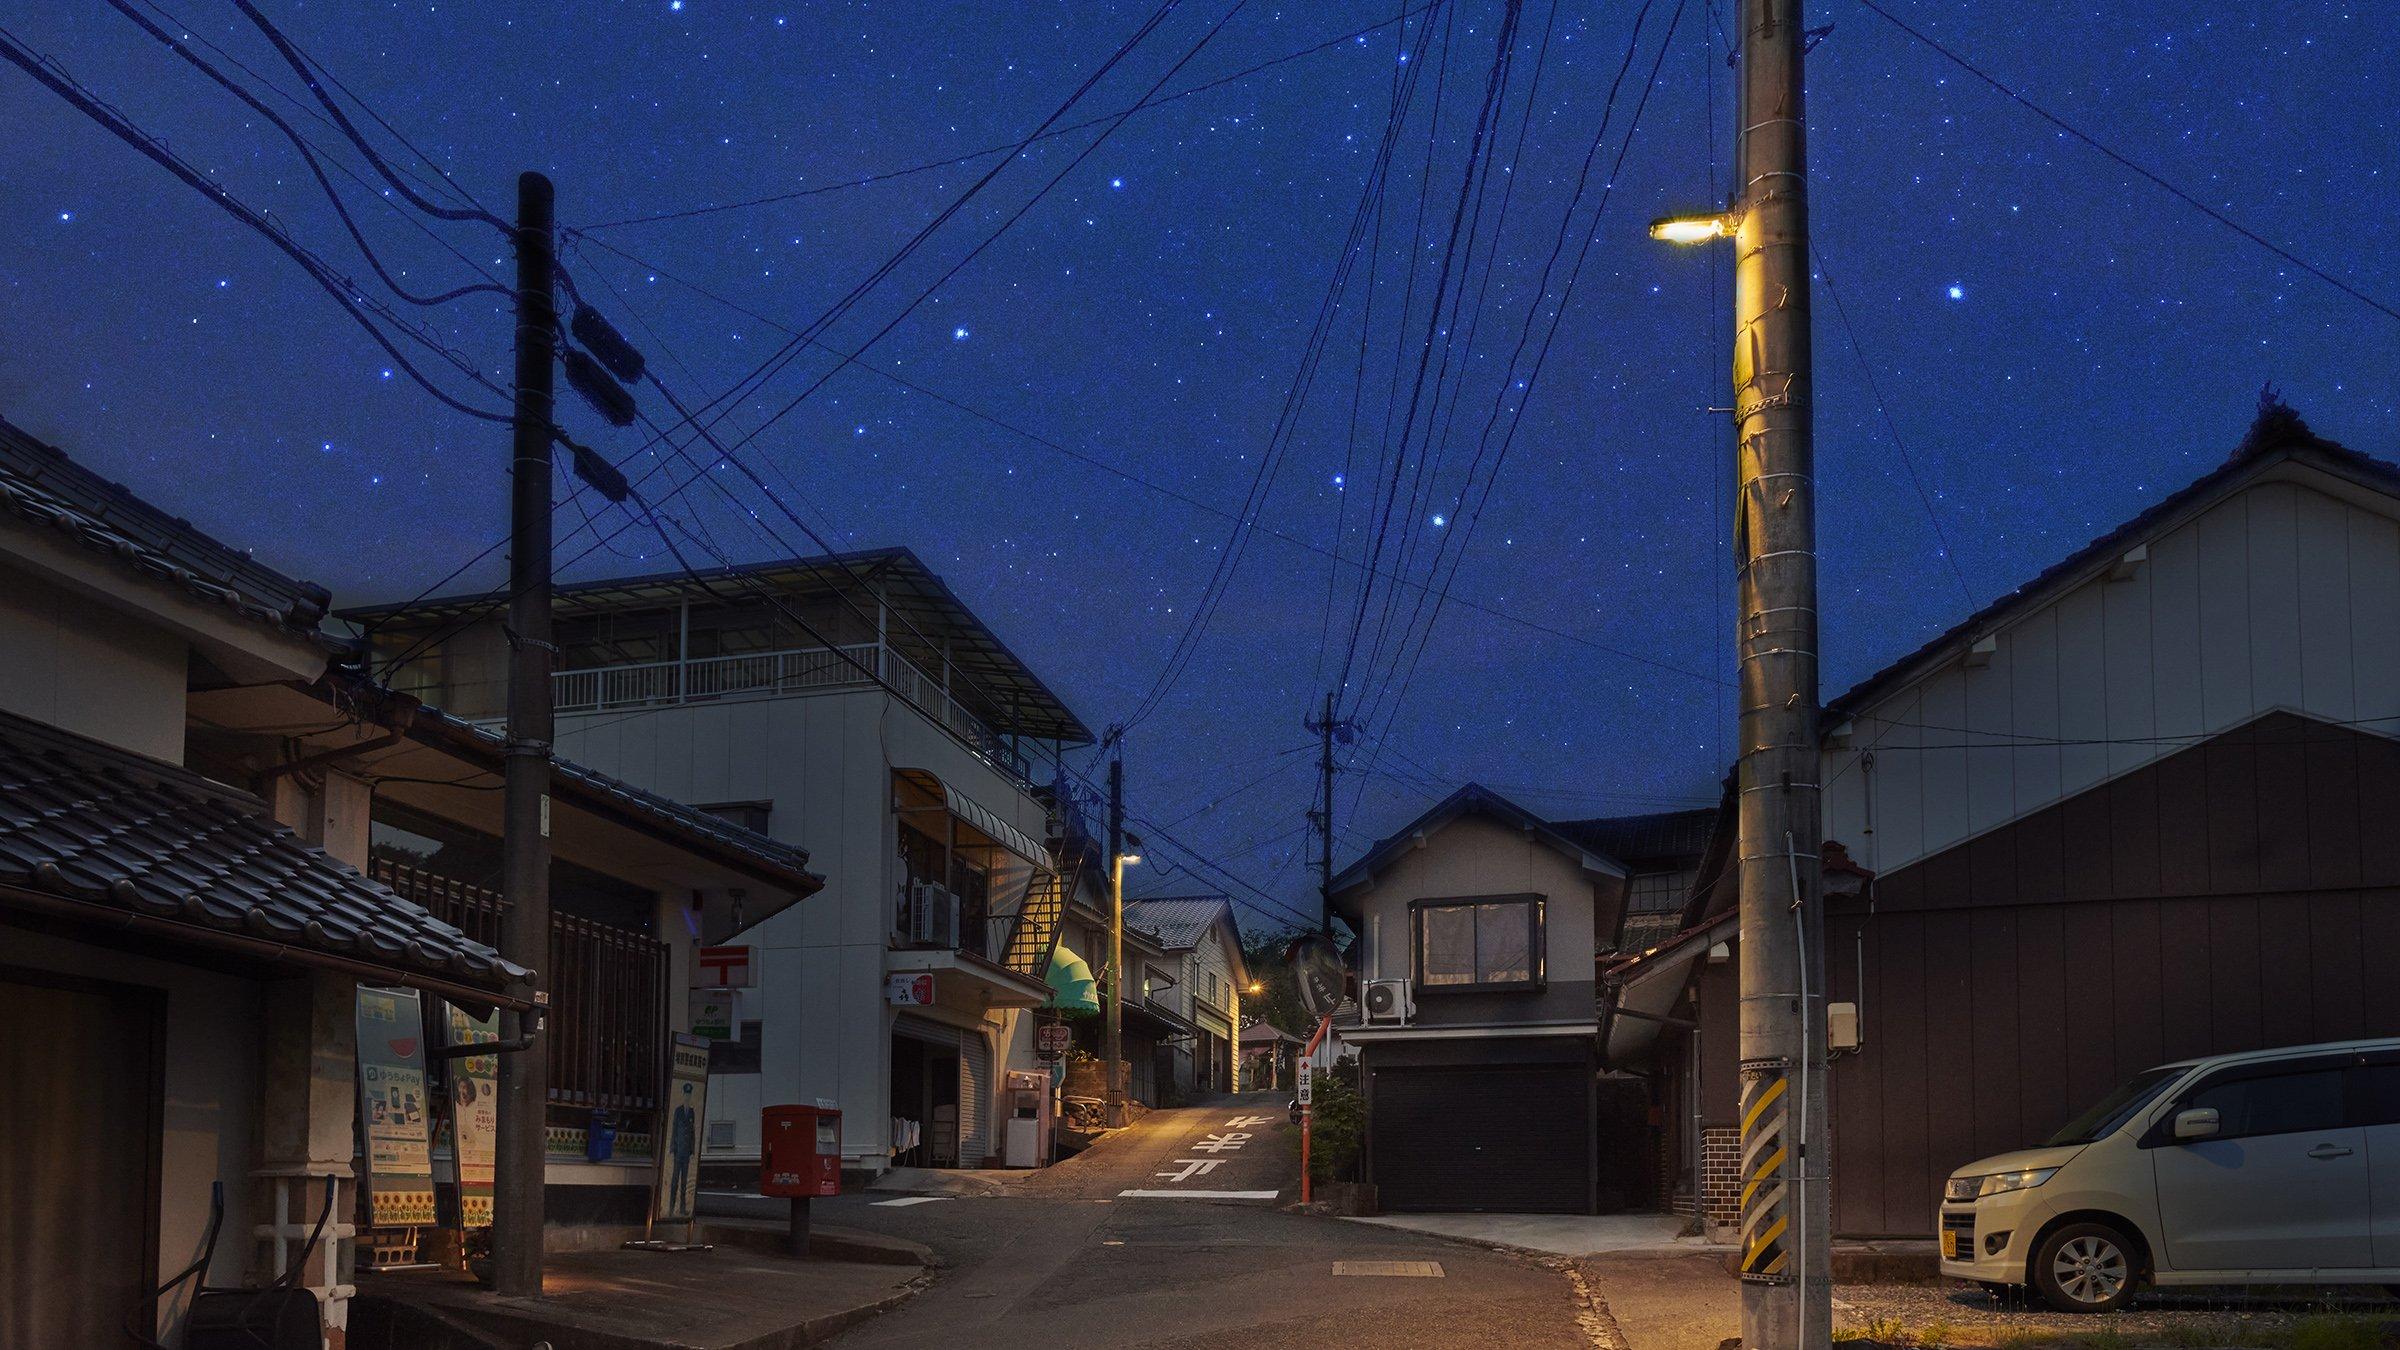 写真:岡山県井原市美星町に導入された光害対策型防犯灯